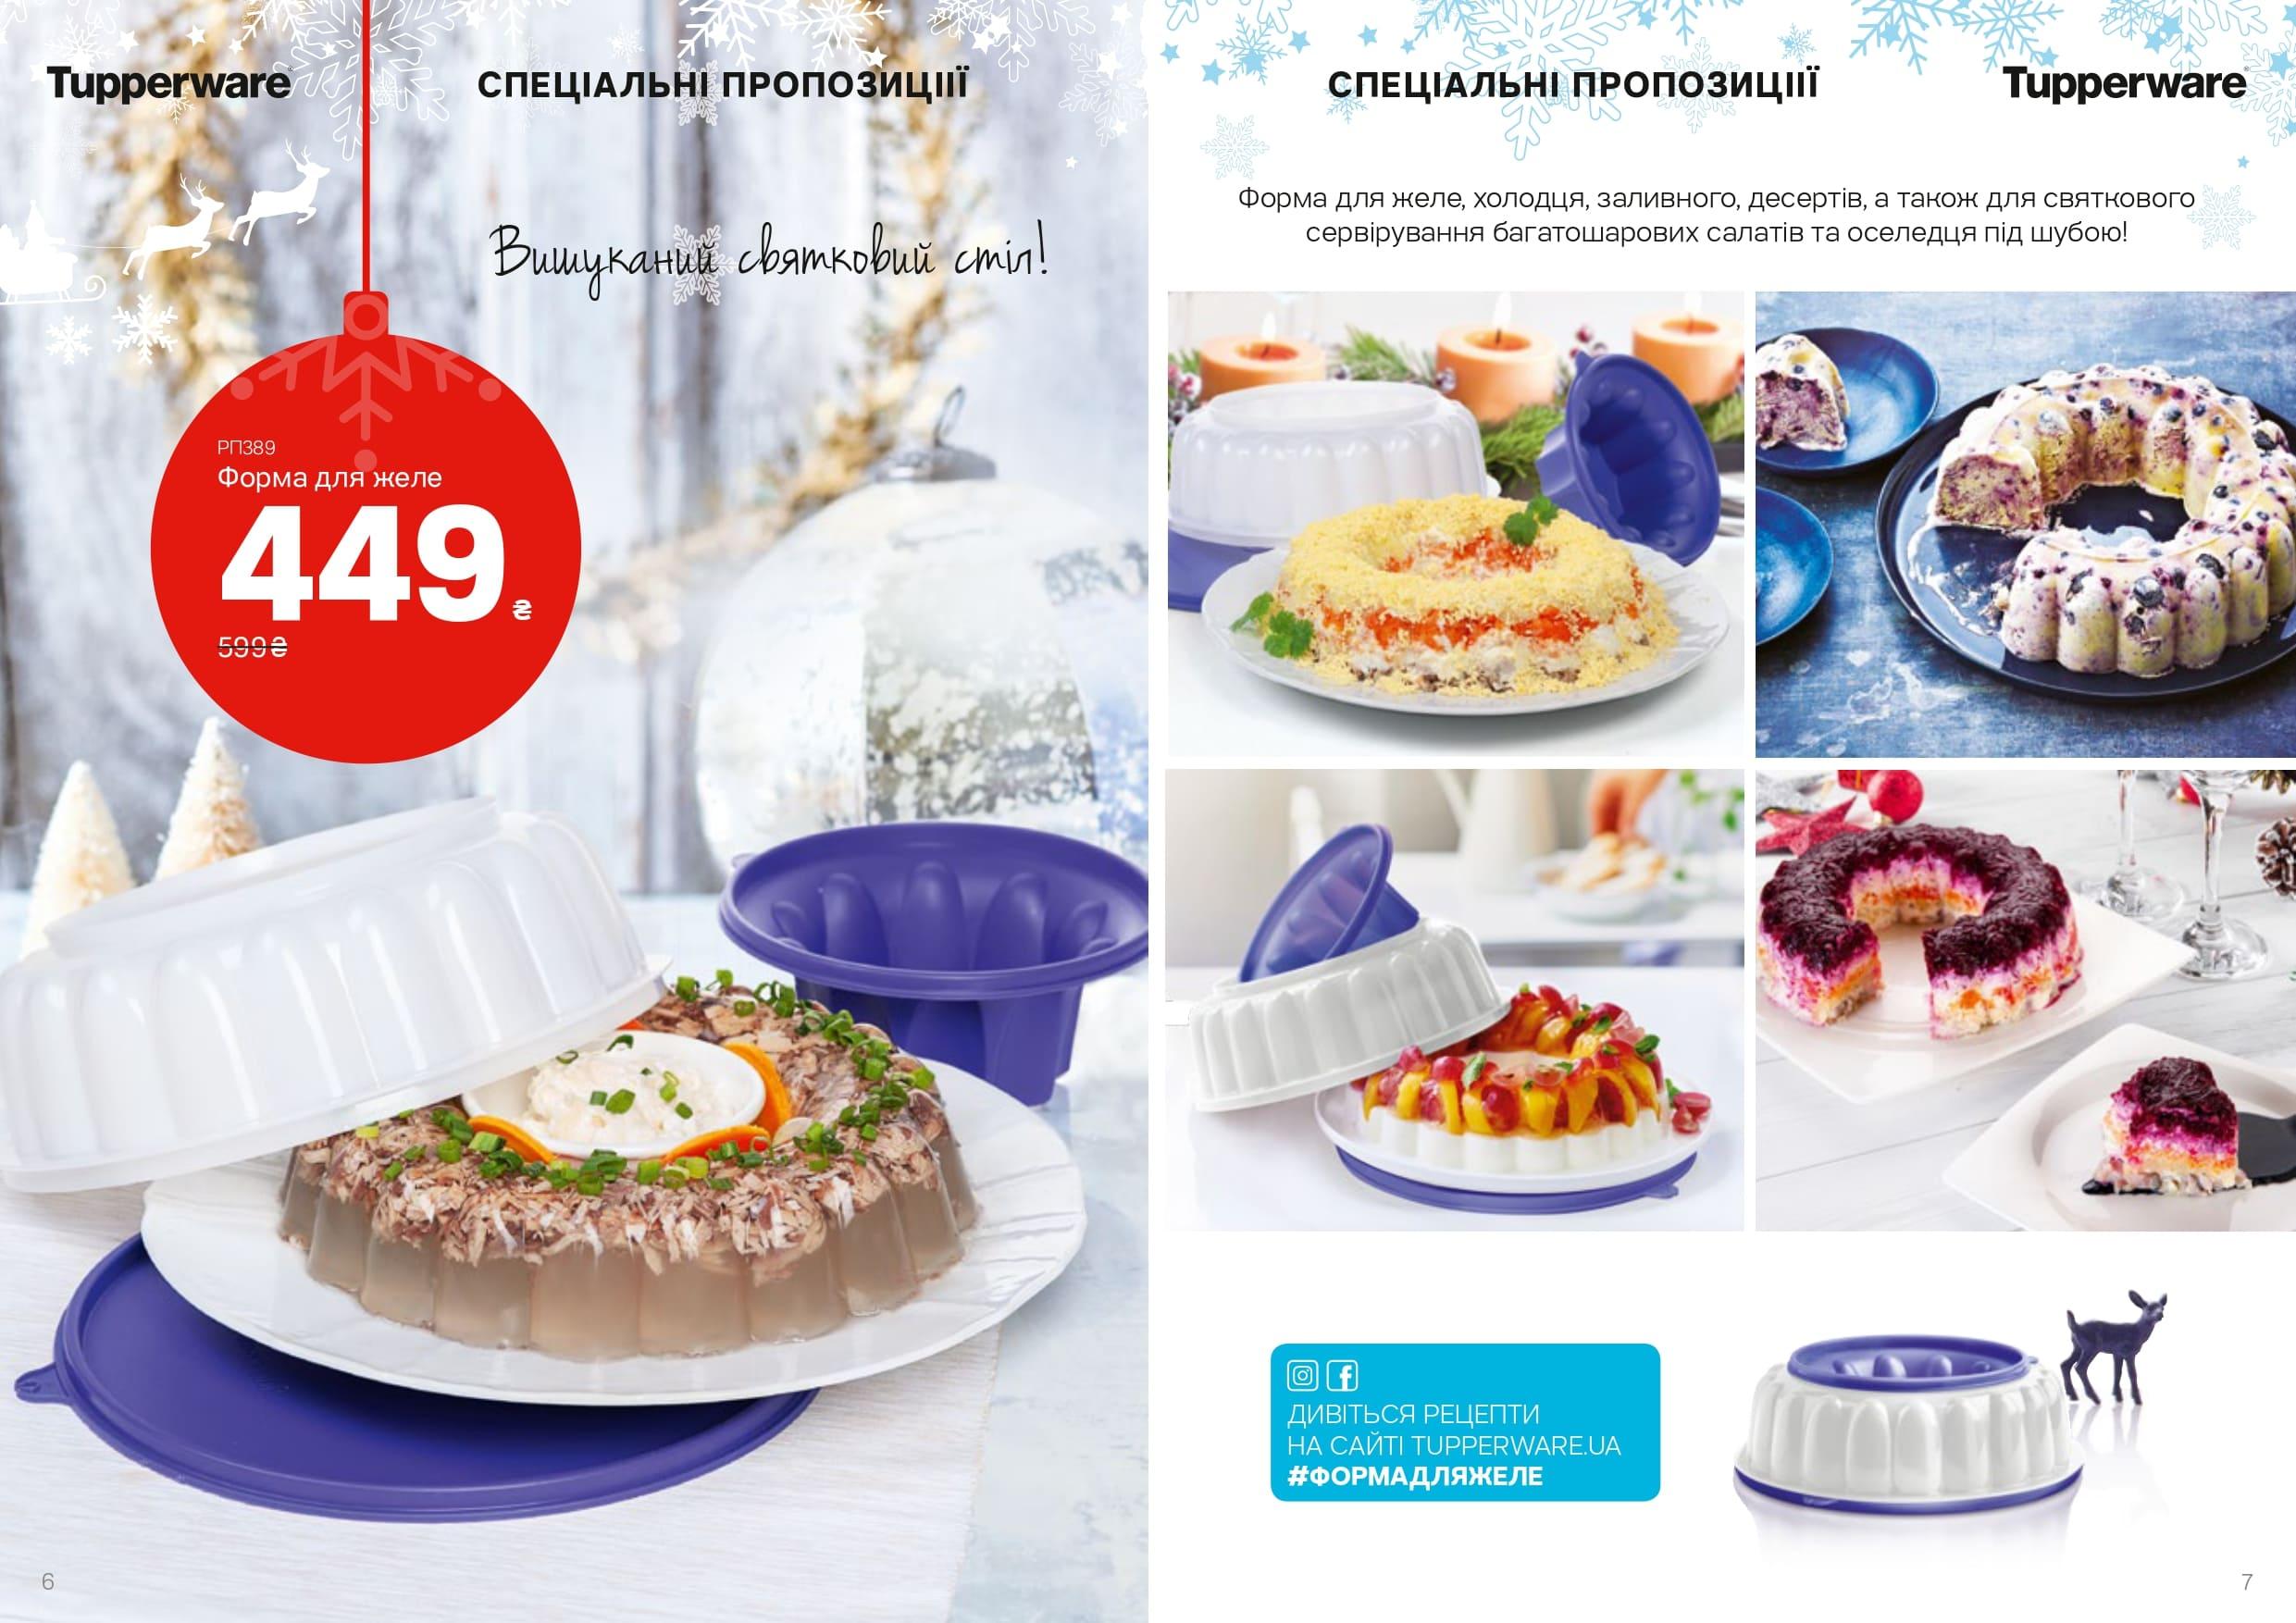 Форма для желе Тапервер со скидкой 25%, цена 449,00 грн.